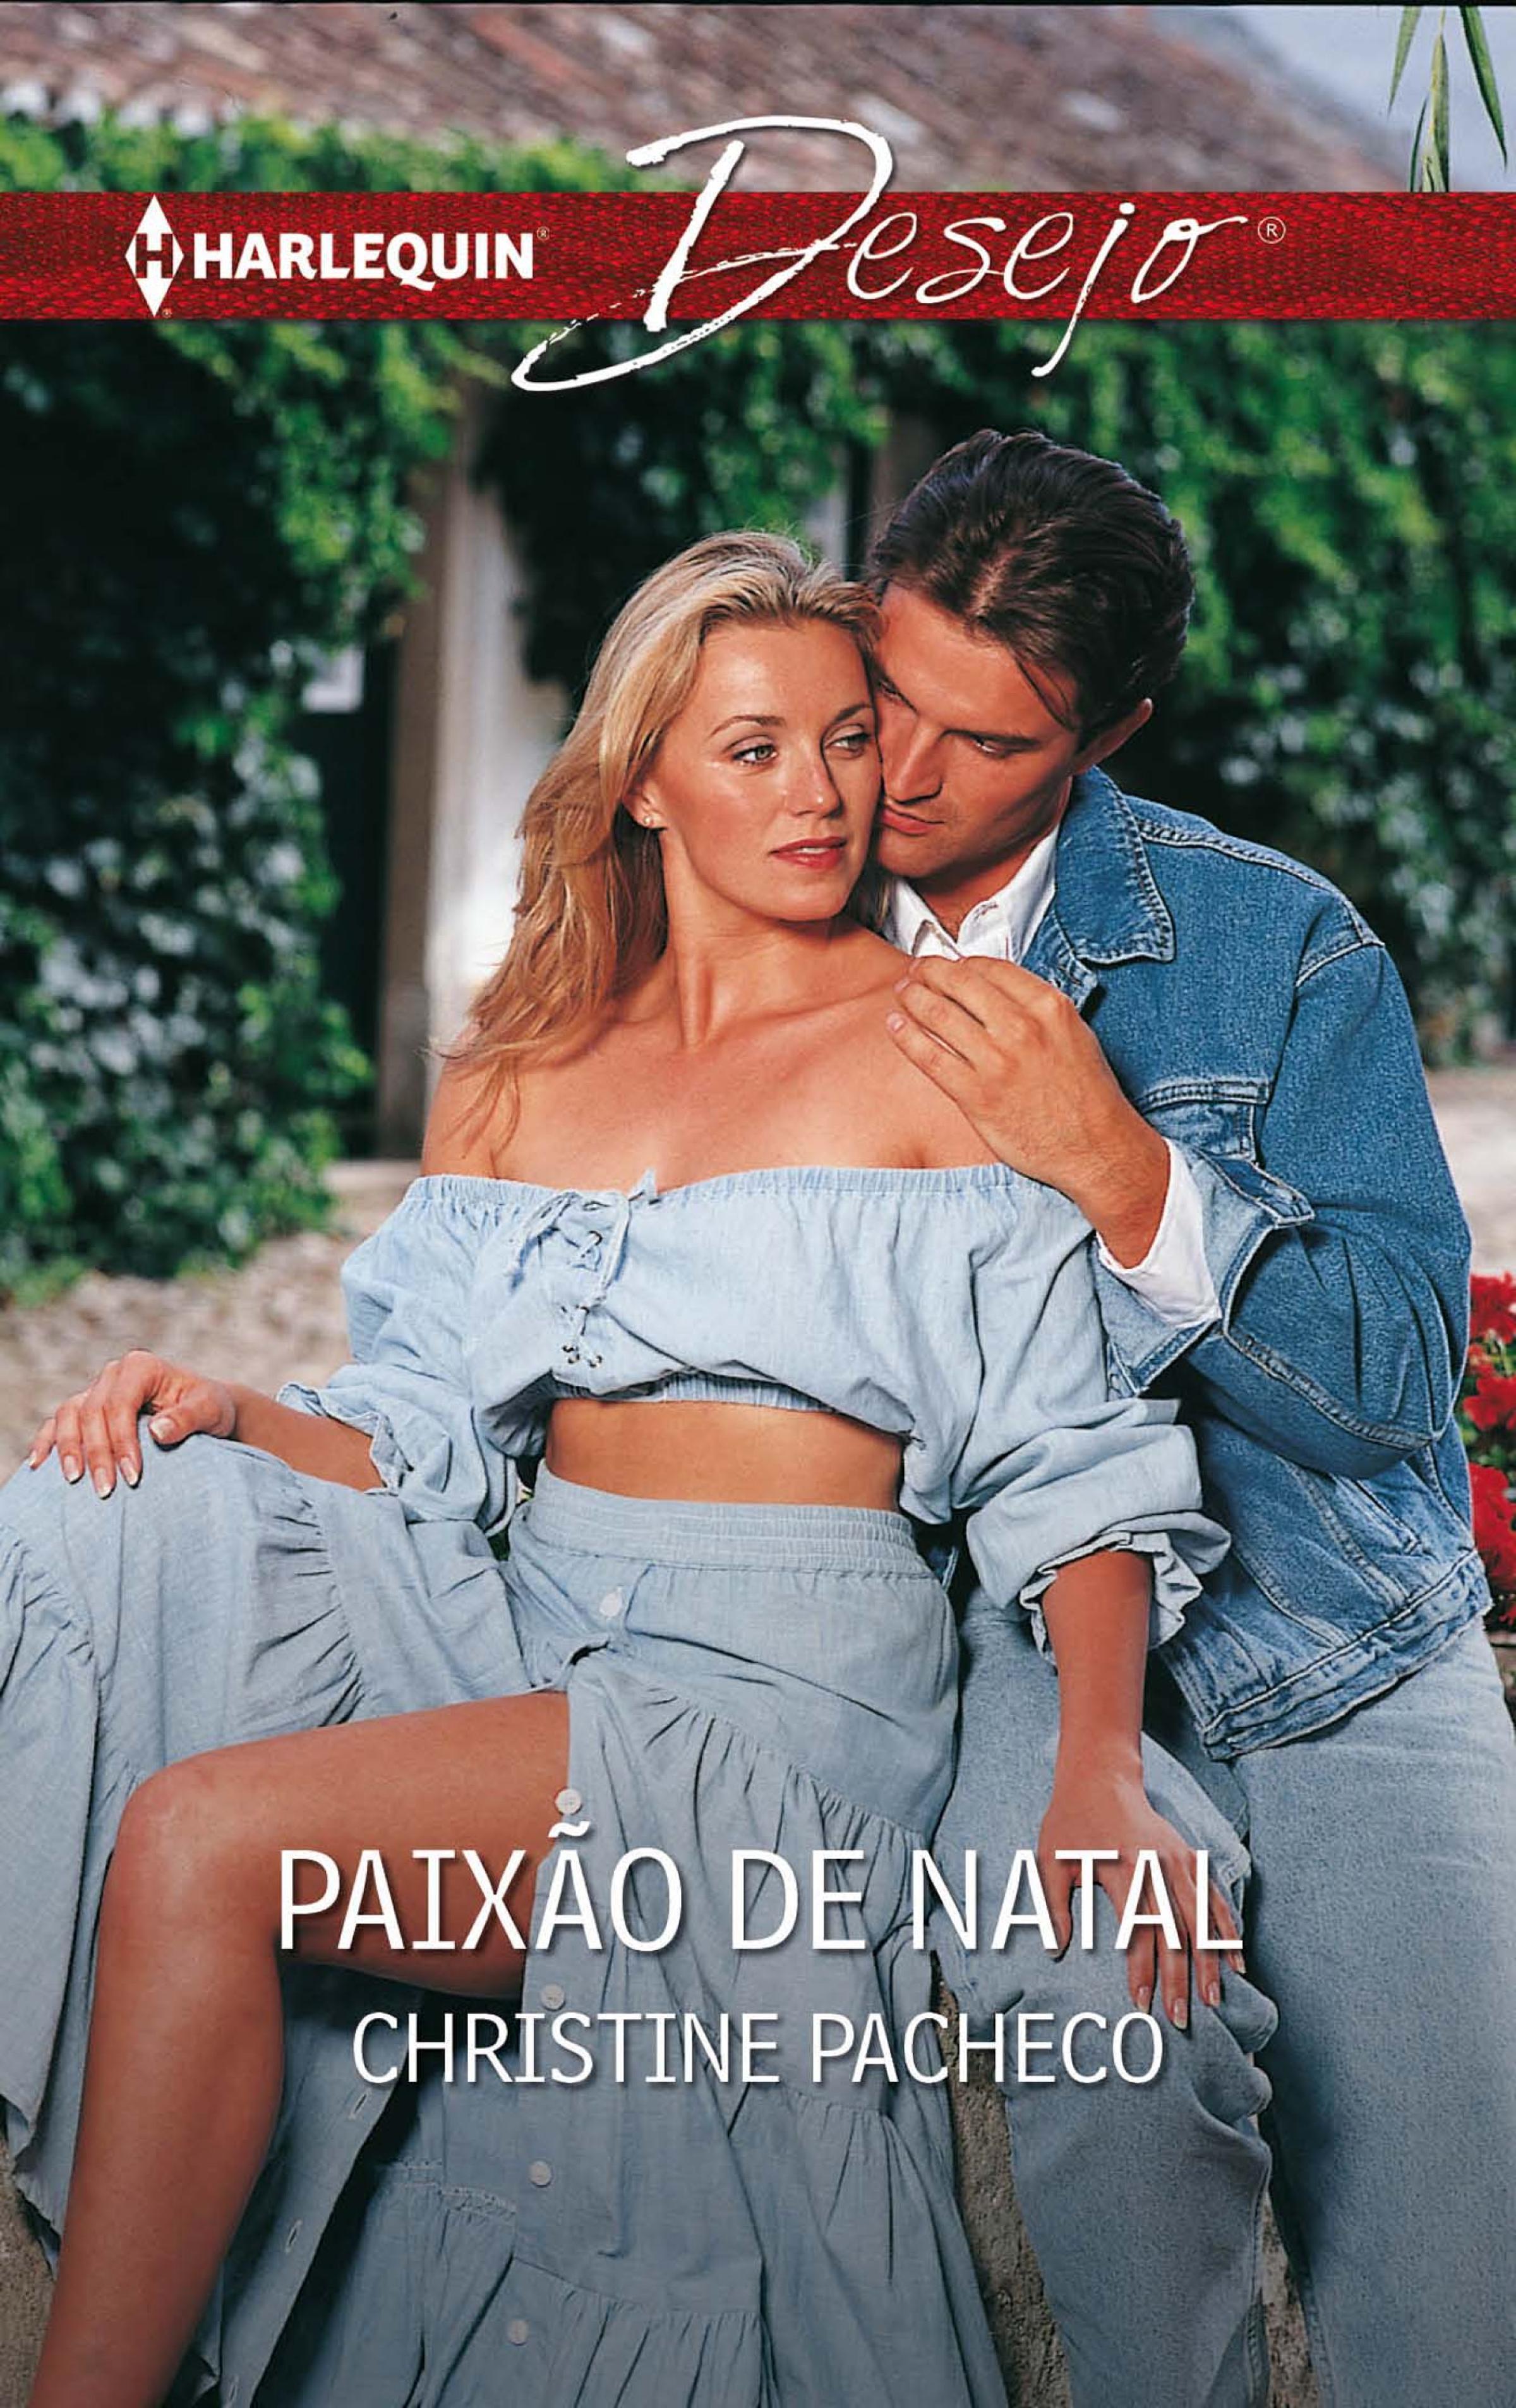 Christine Pacheco Paixão de natal christine pacheco lovers only